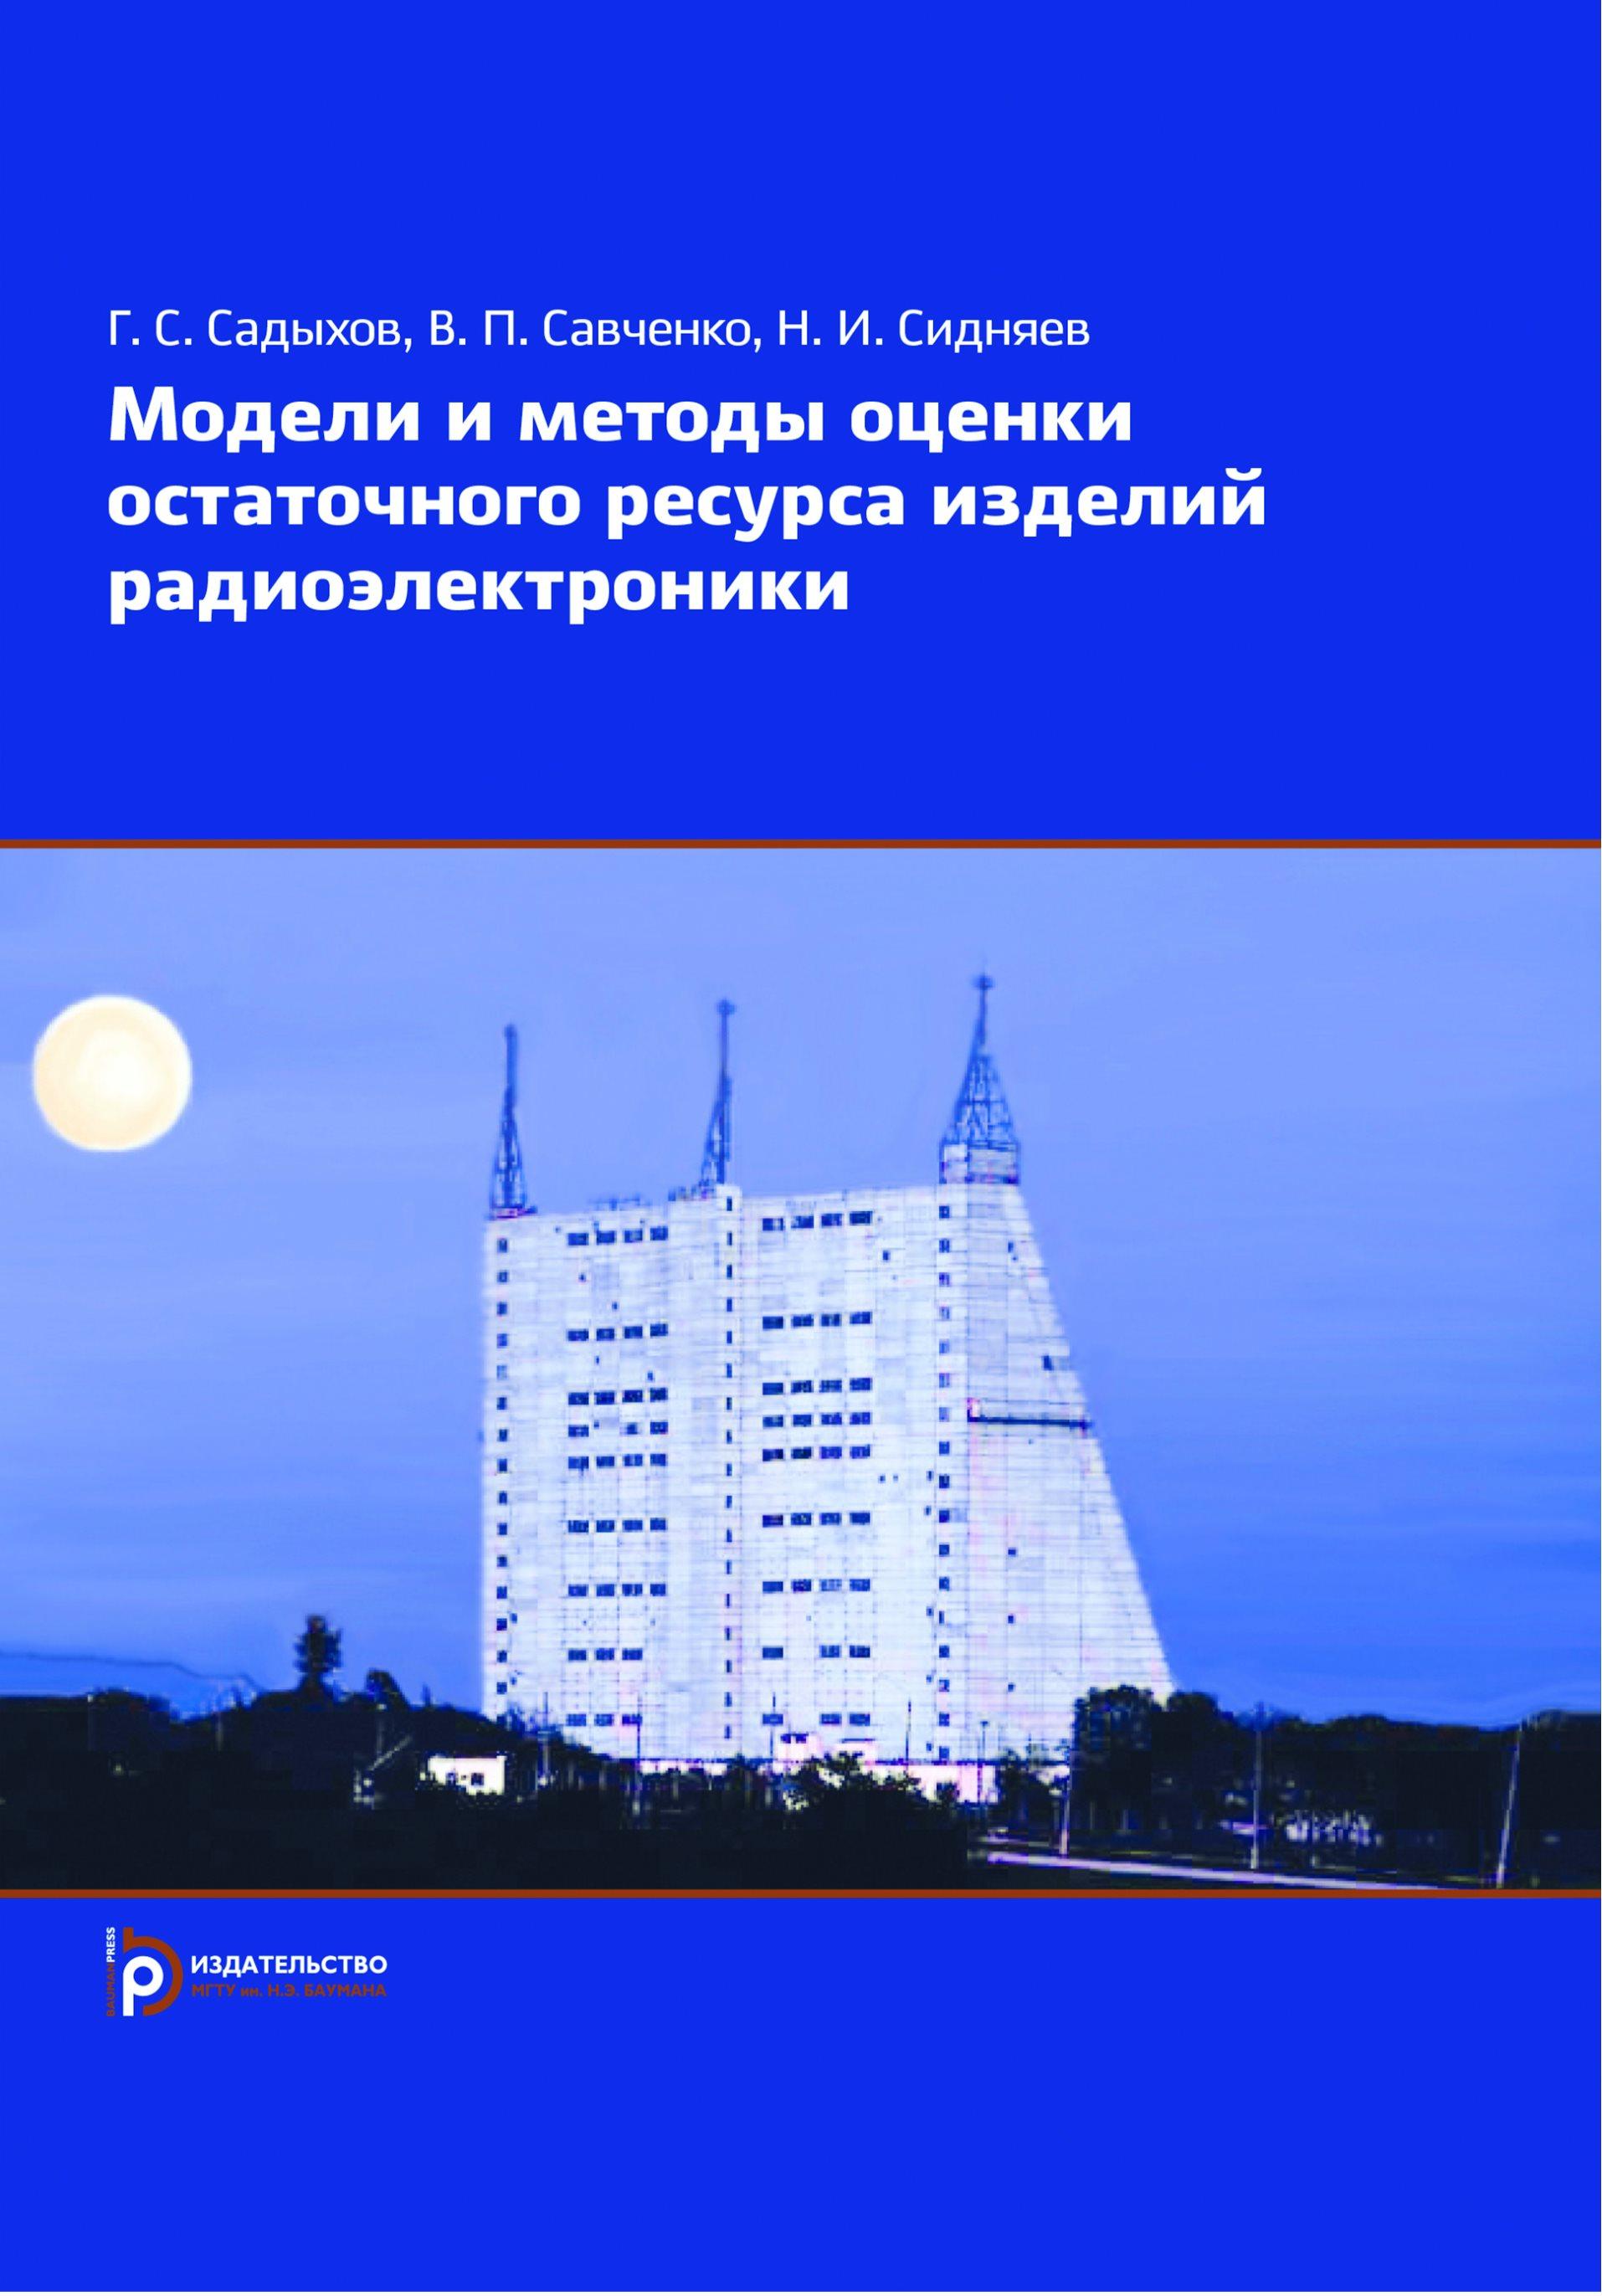 Николай Иванович Сидняев Модели и методы оценки остаточного ресурса изделий радиоэлектроники